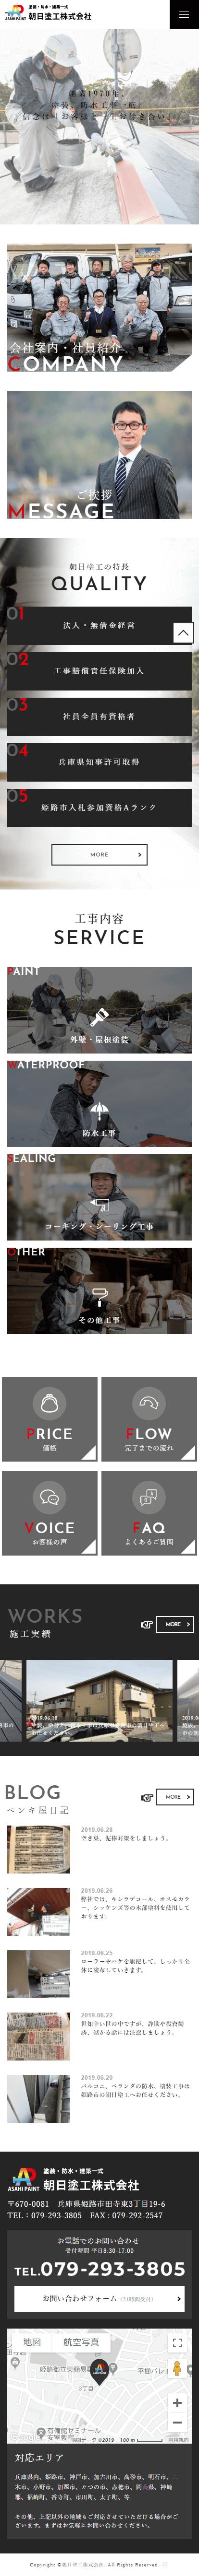 姫路市 朝日塗工株式会社 ホームページ制作3